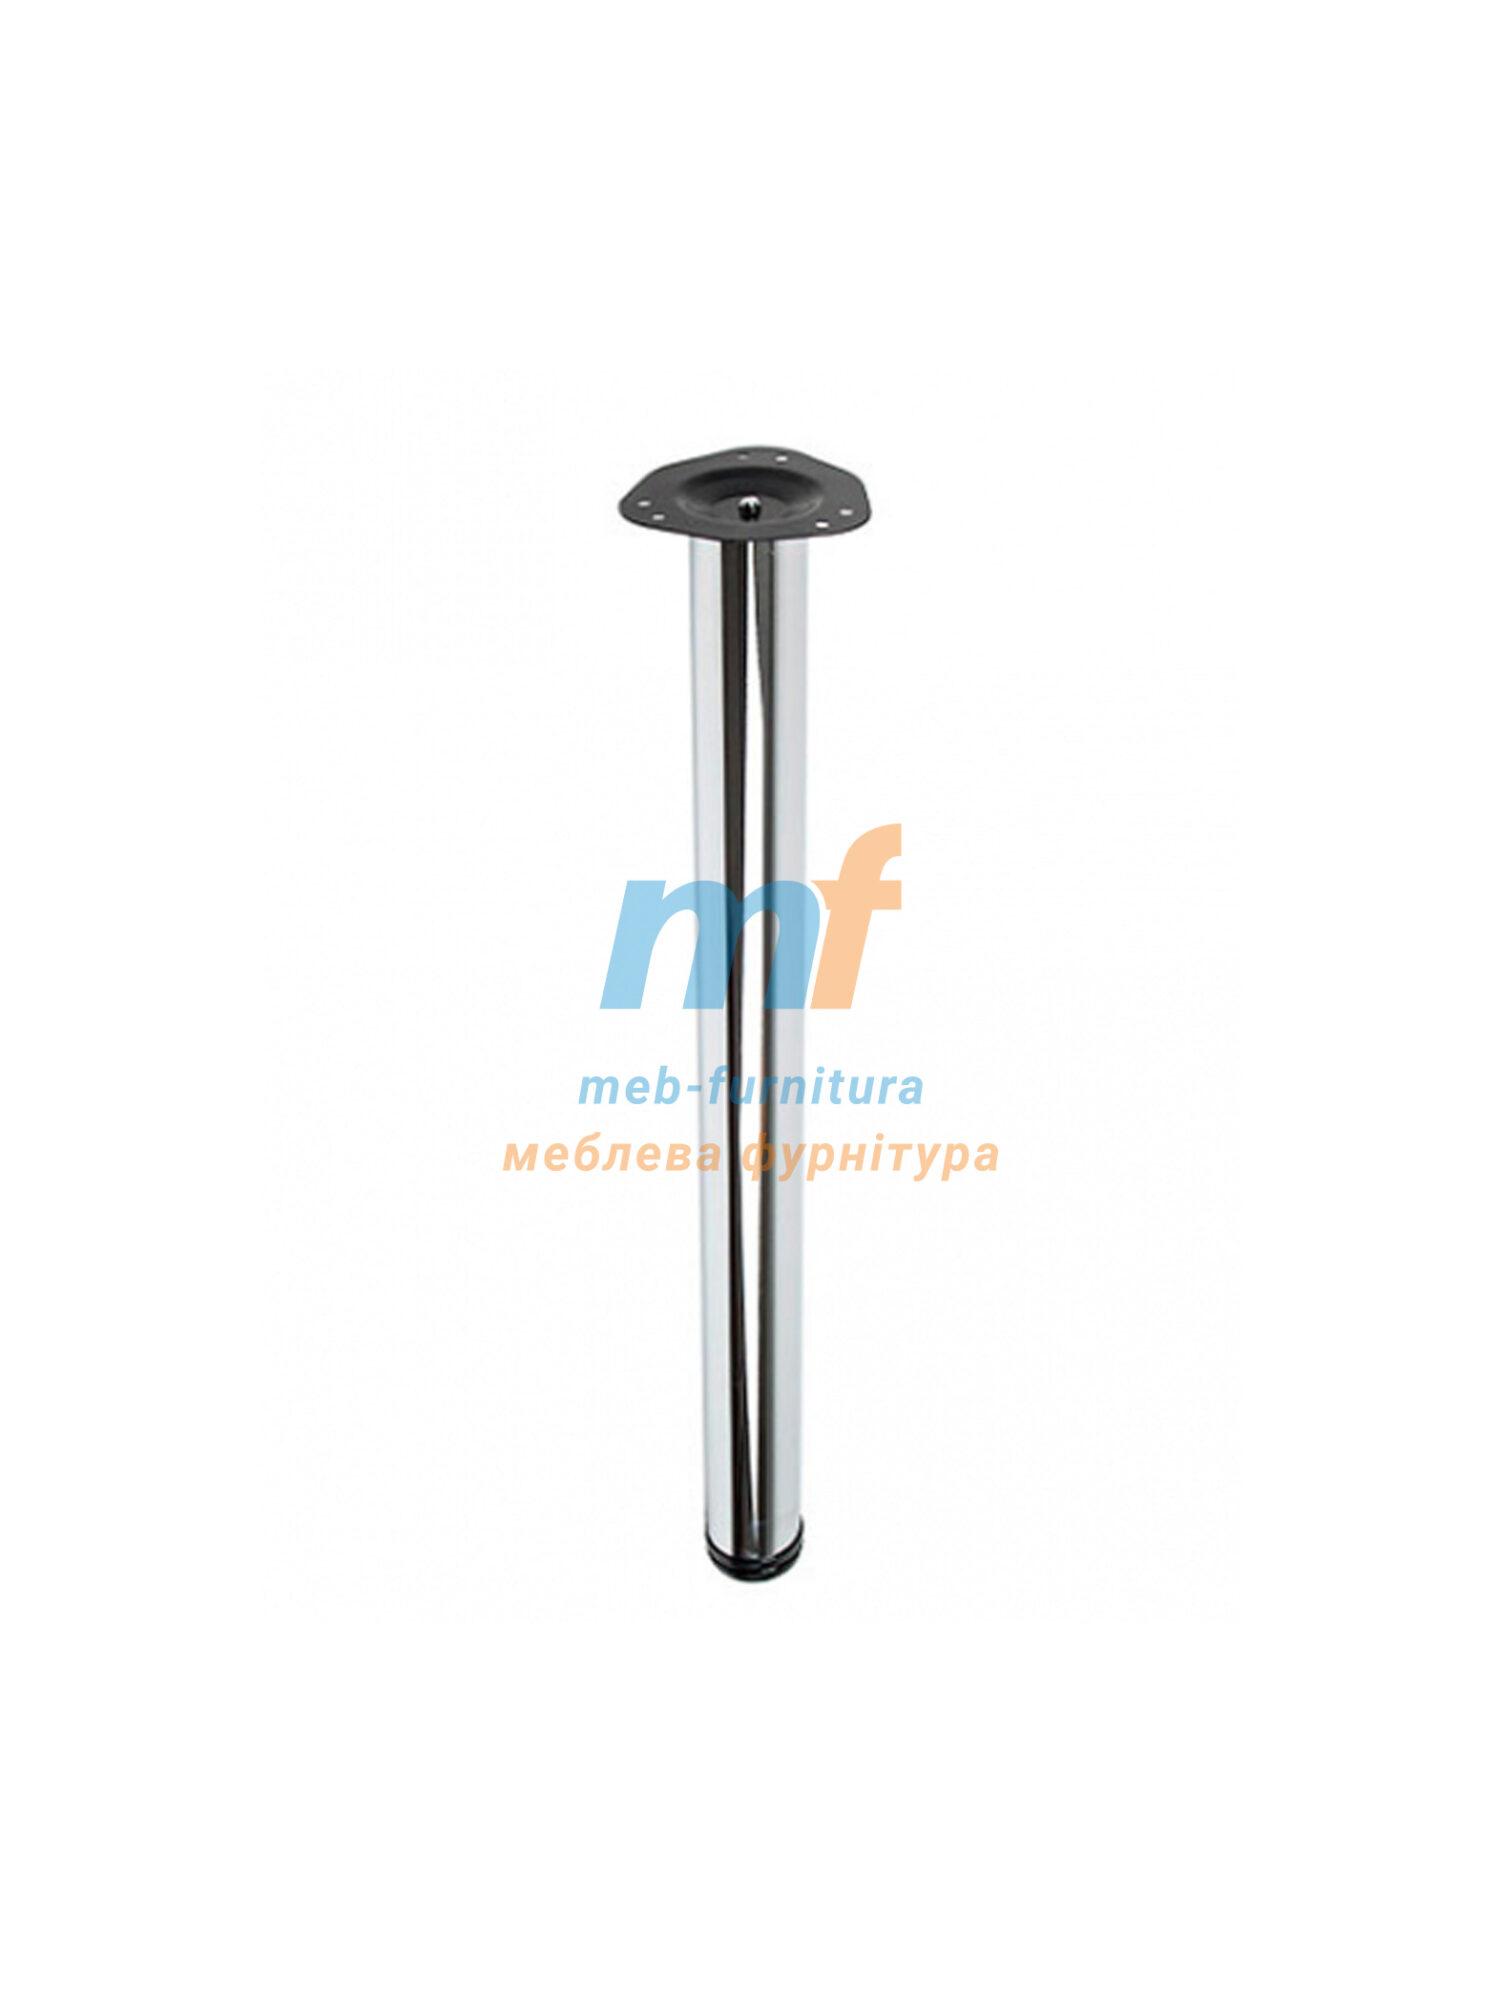 Опора для столов регулирующая 60х110мм хром